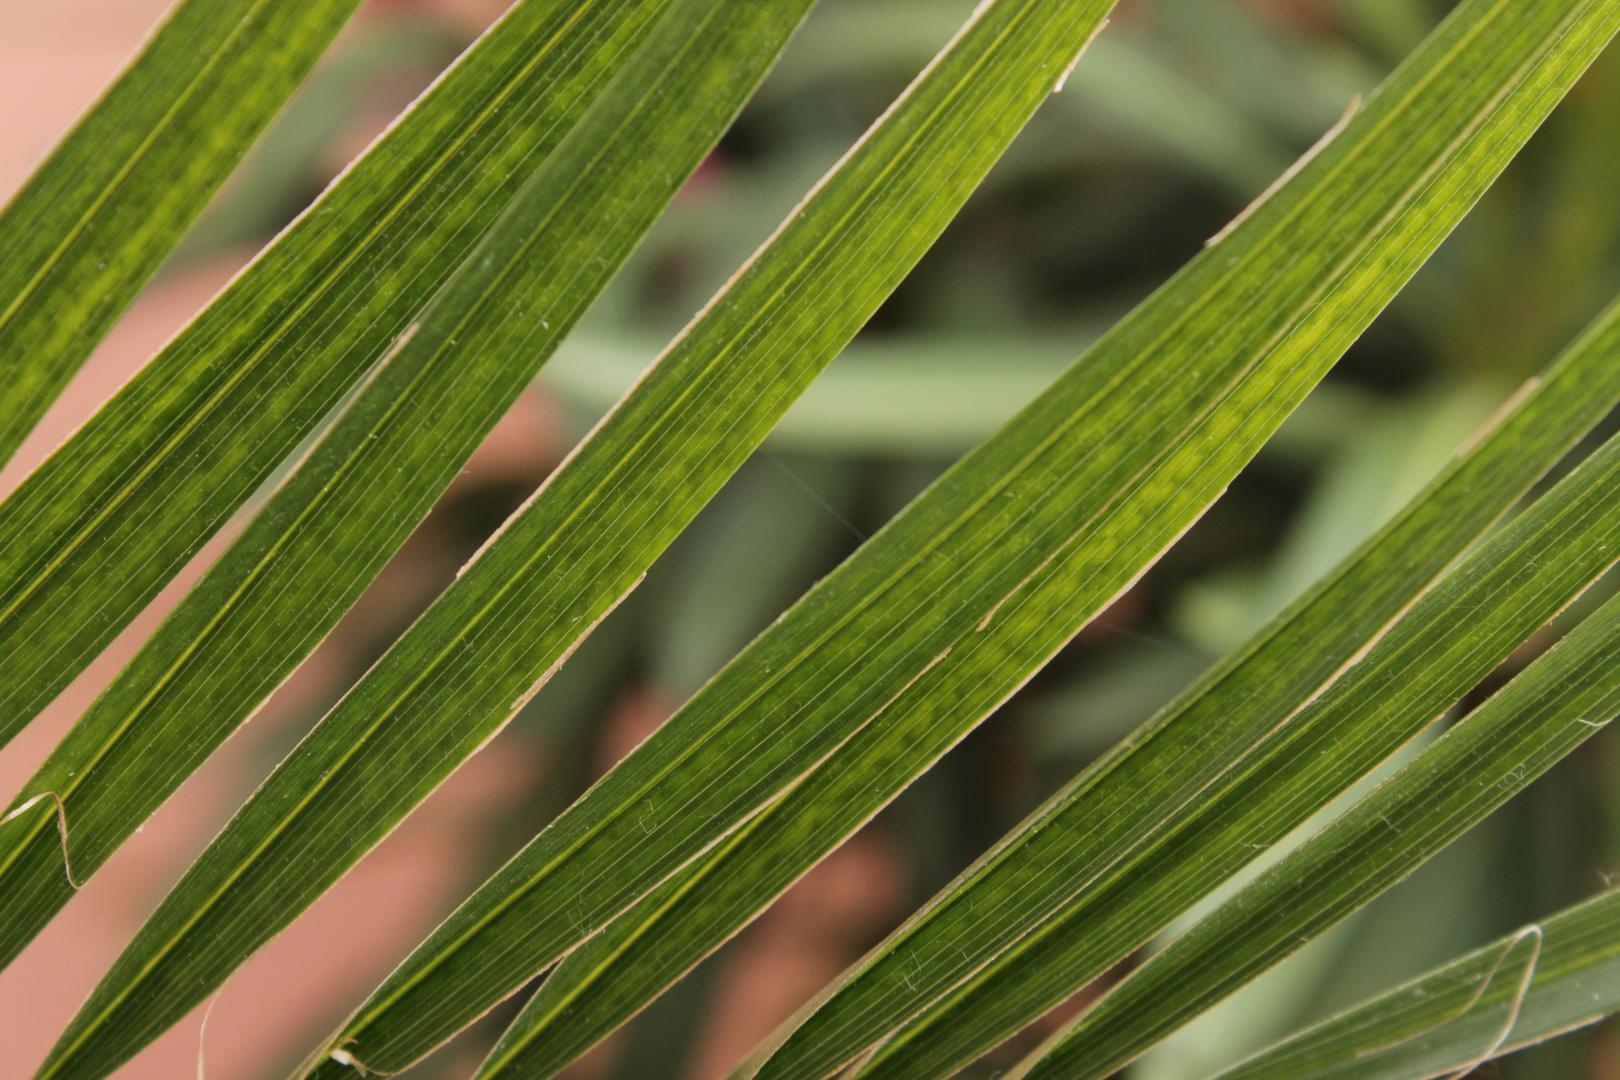 Inspirierend Grüne Pflanzen Galerie Von Grüne Pflanze